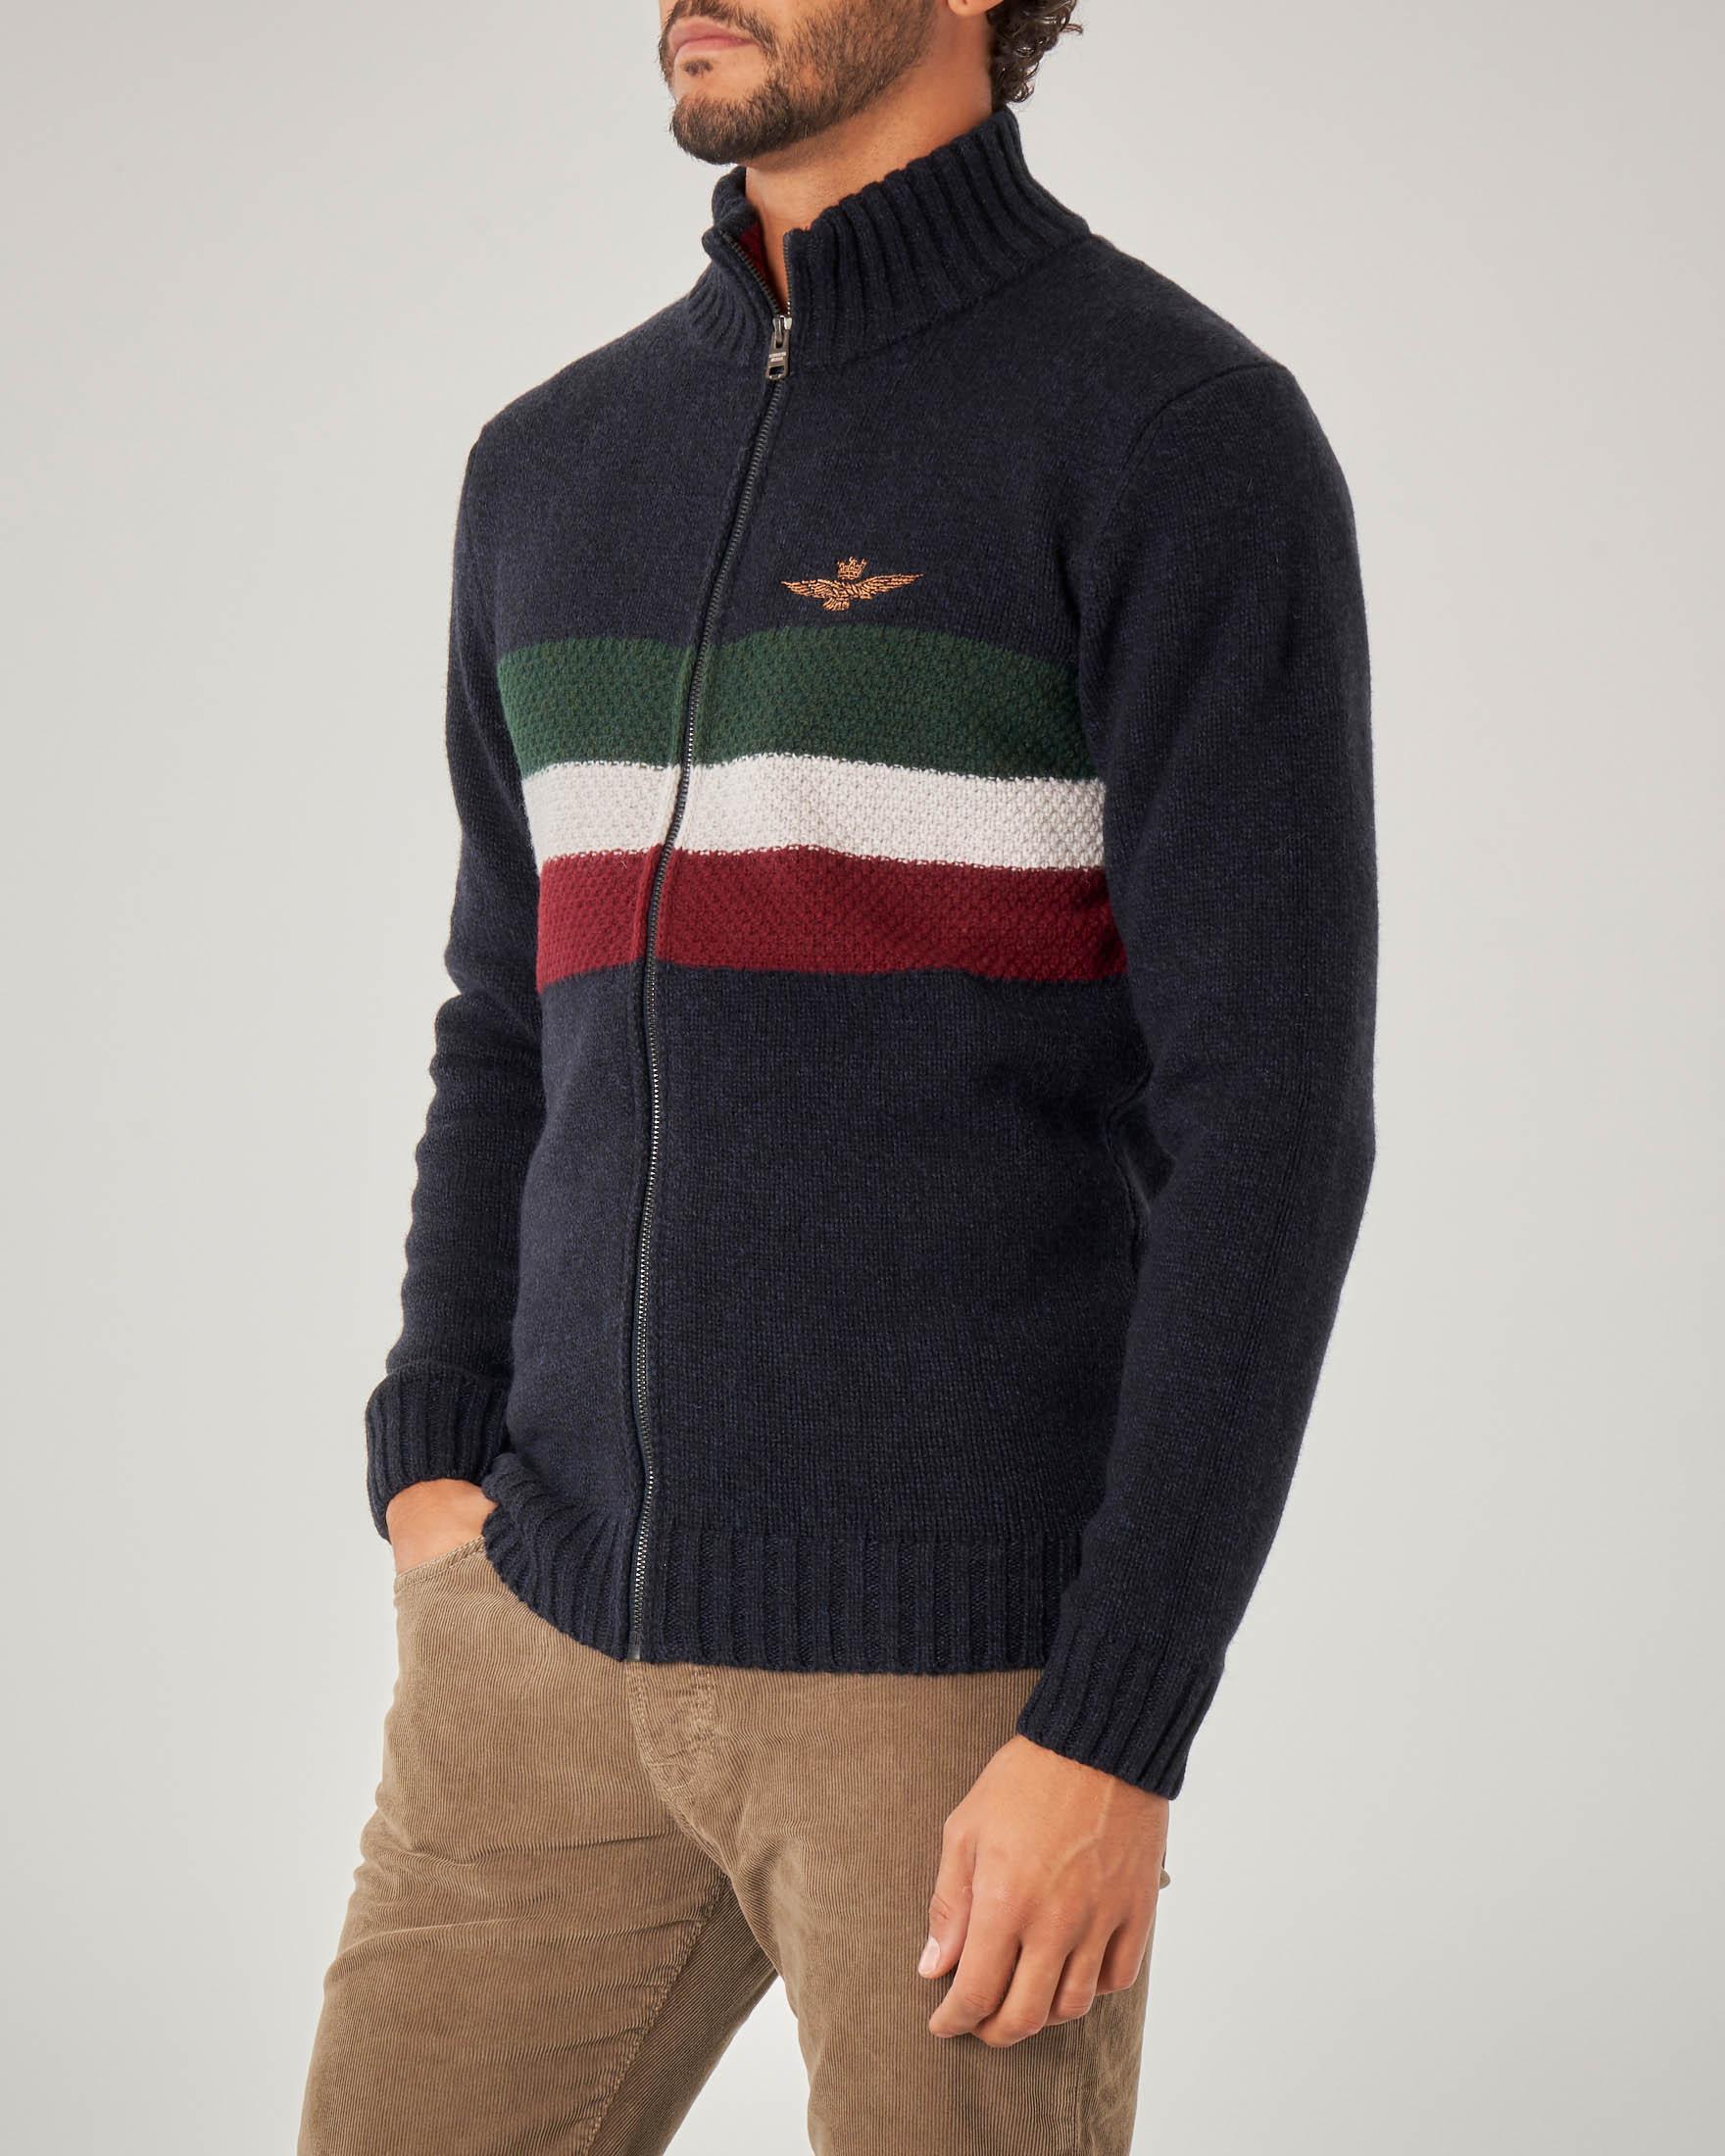 Maglia blu in lana con inserto tricolore e chiusura zip